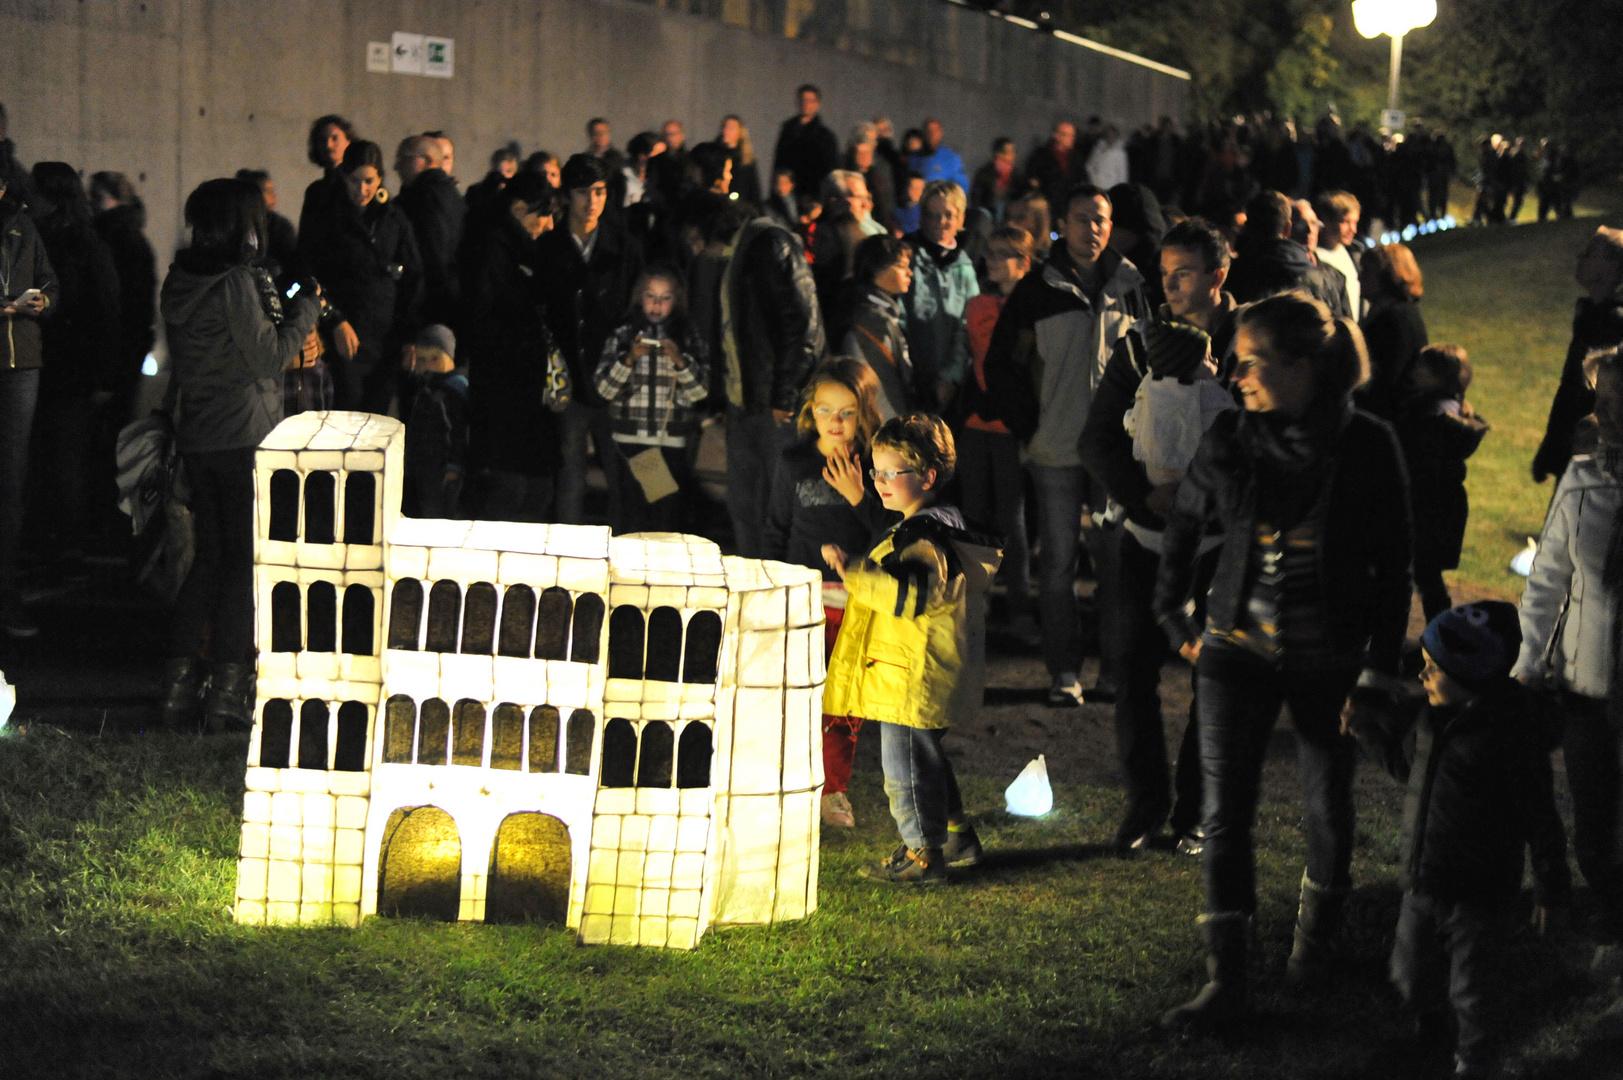 Kinderstaunen beim Lichterglanz - Lichterfest auf dem Petrisberg